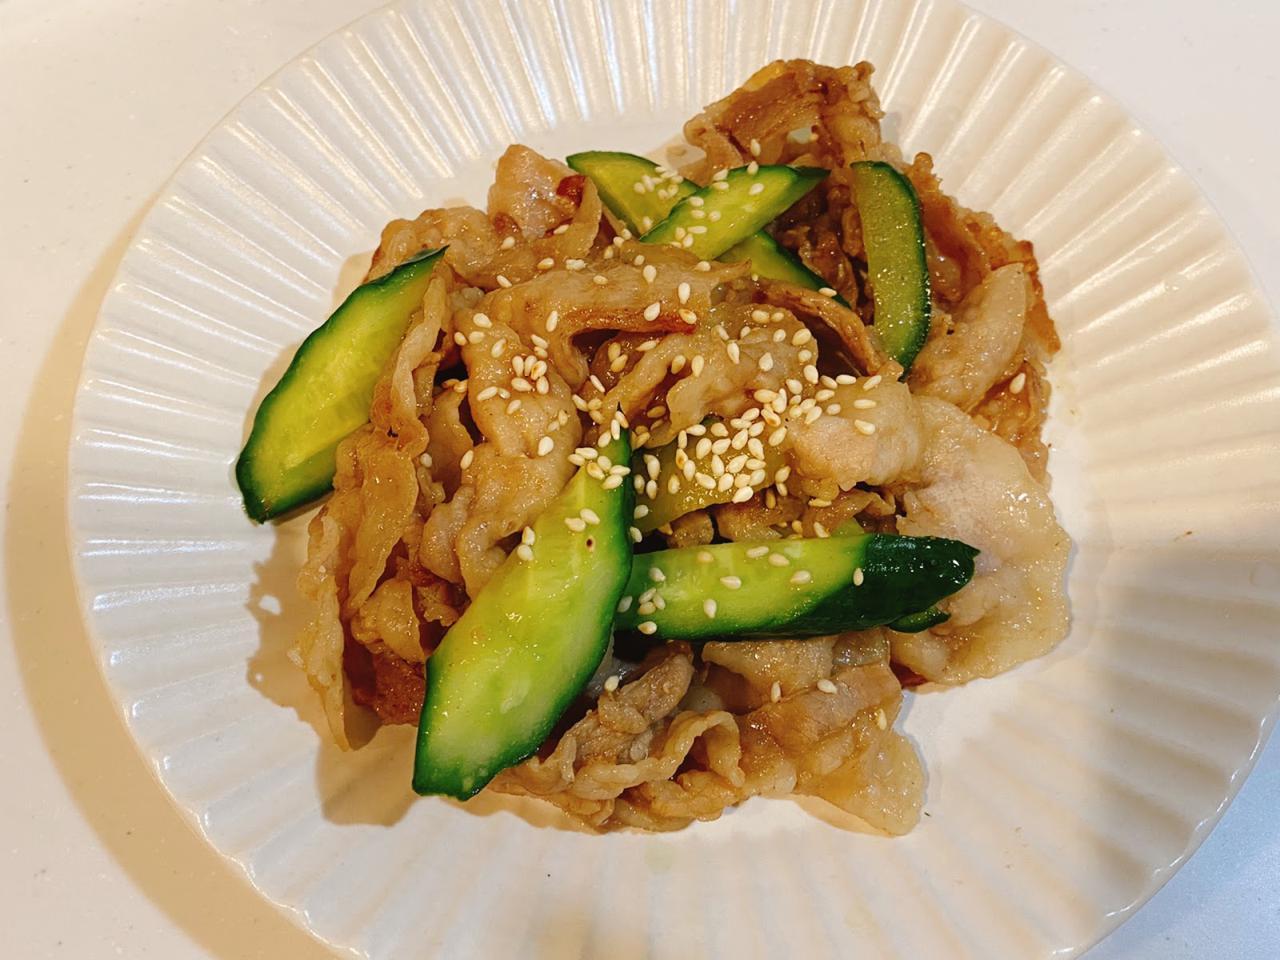 画像: やみつき夏レシピ⑤きゅうりと豚肉の中華風炒め